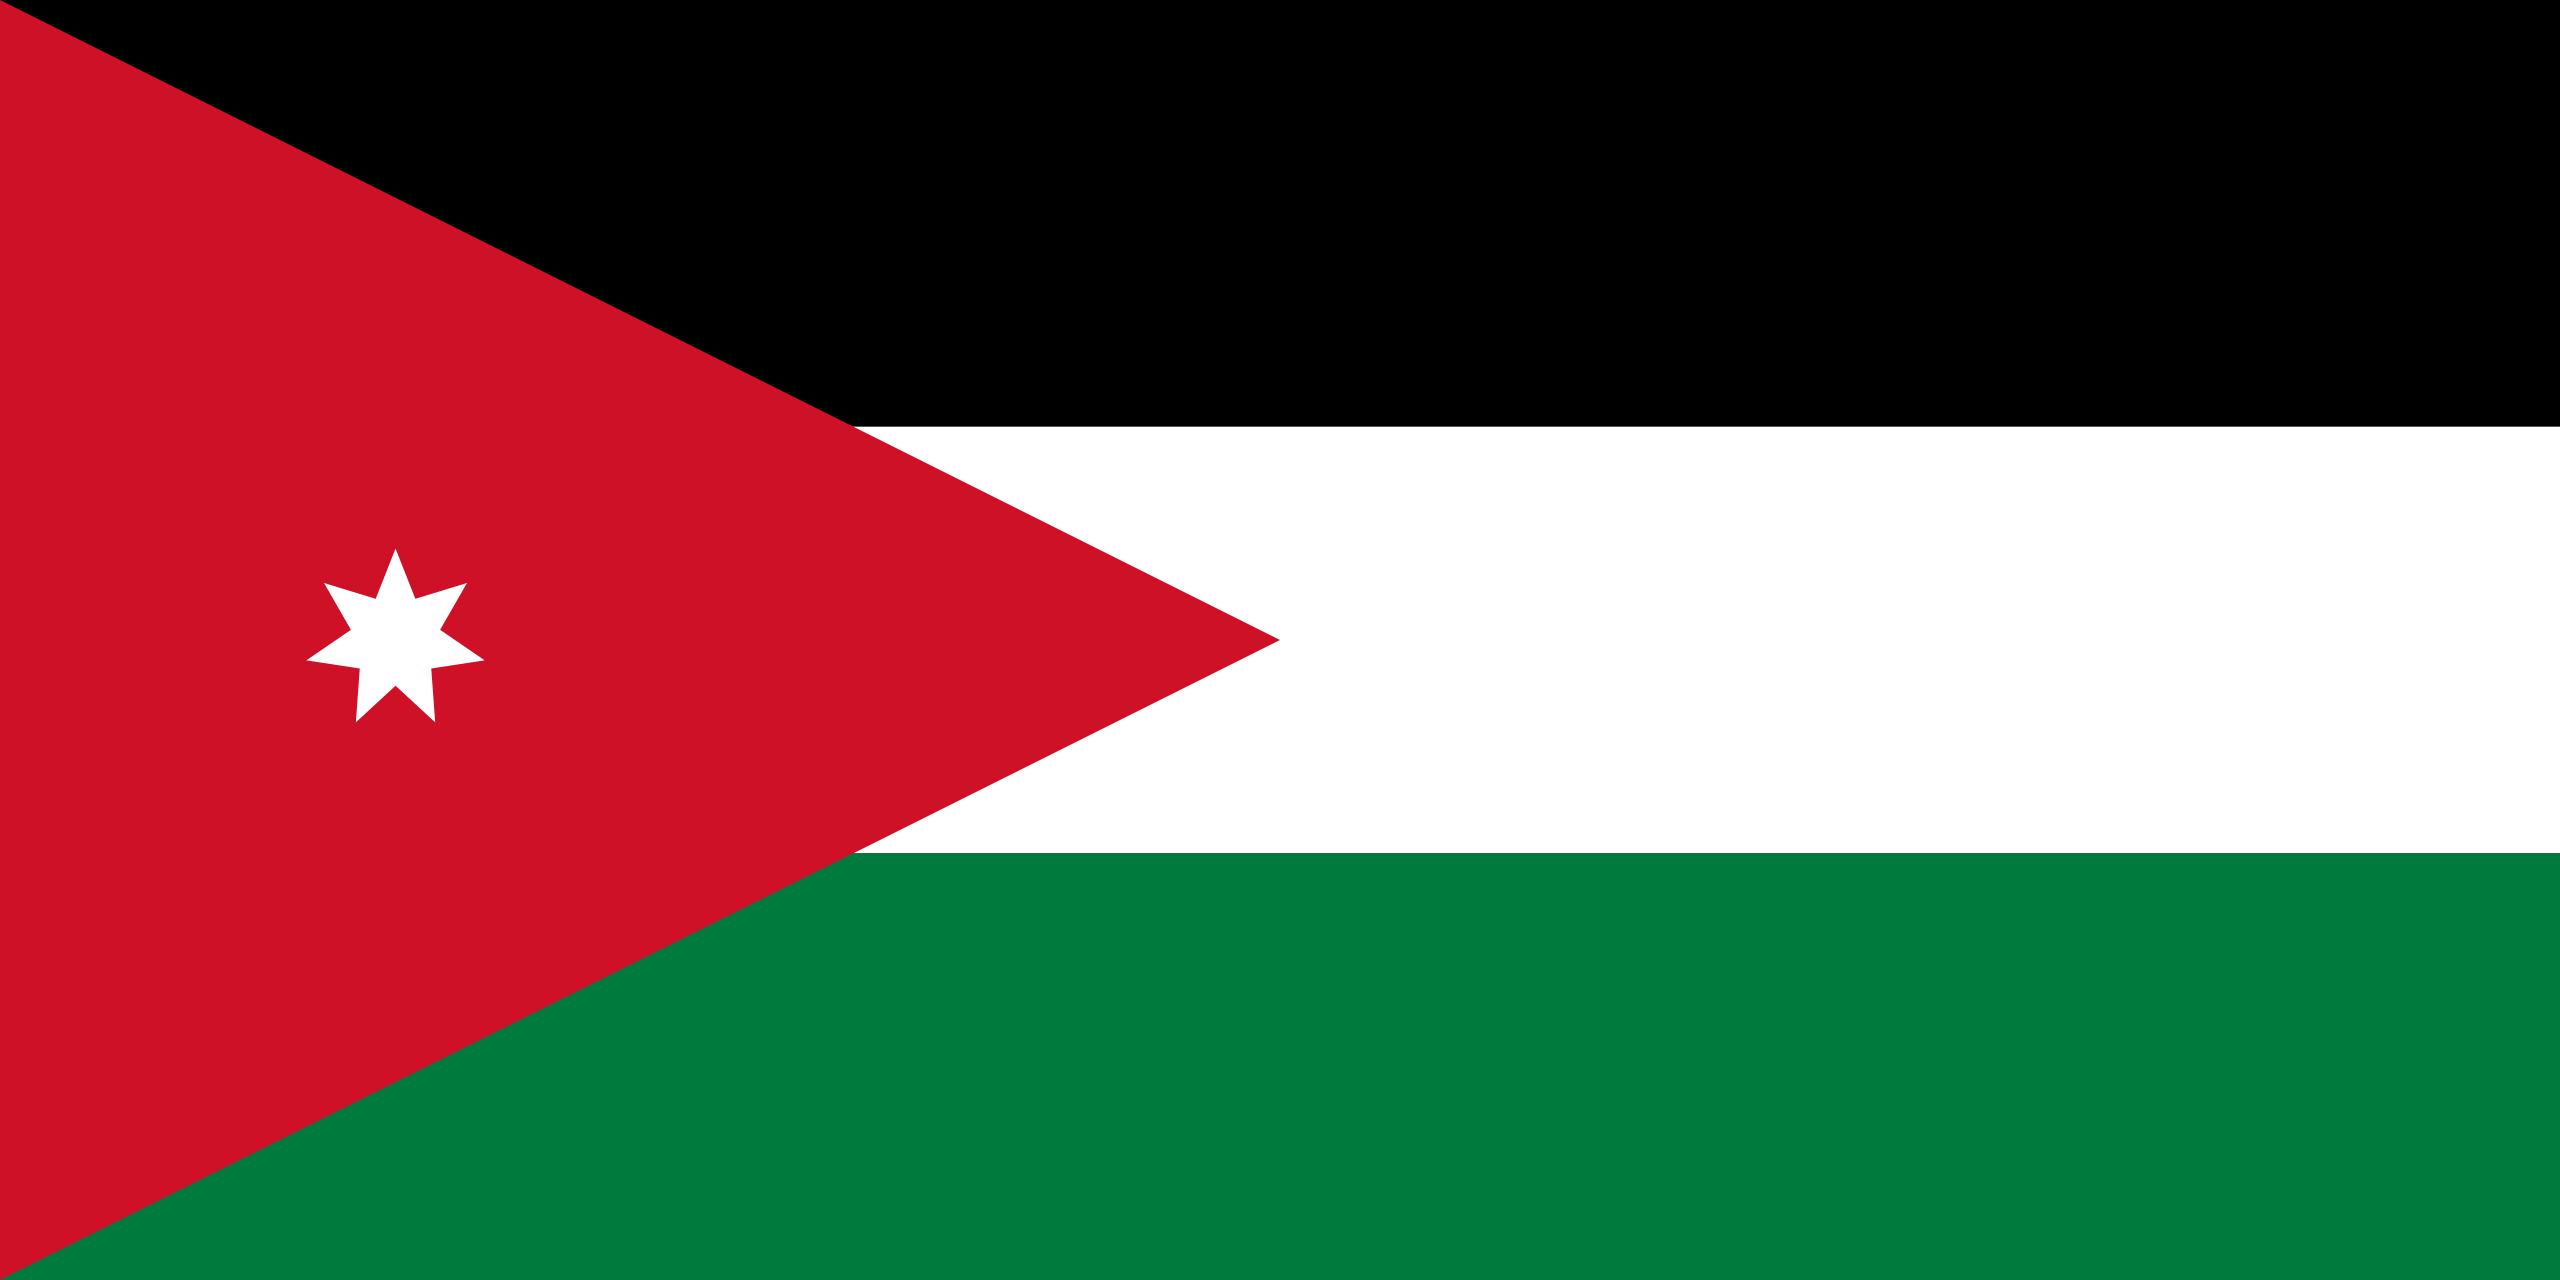 Jordânia, país, Brasão de armas, logotipo, símbolo - Papéis de parede HD - Professor-falken.com